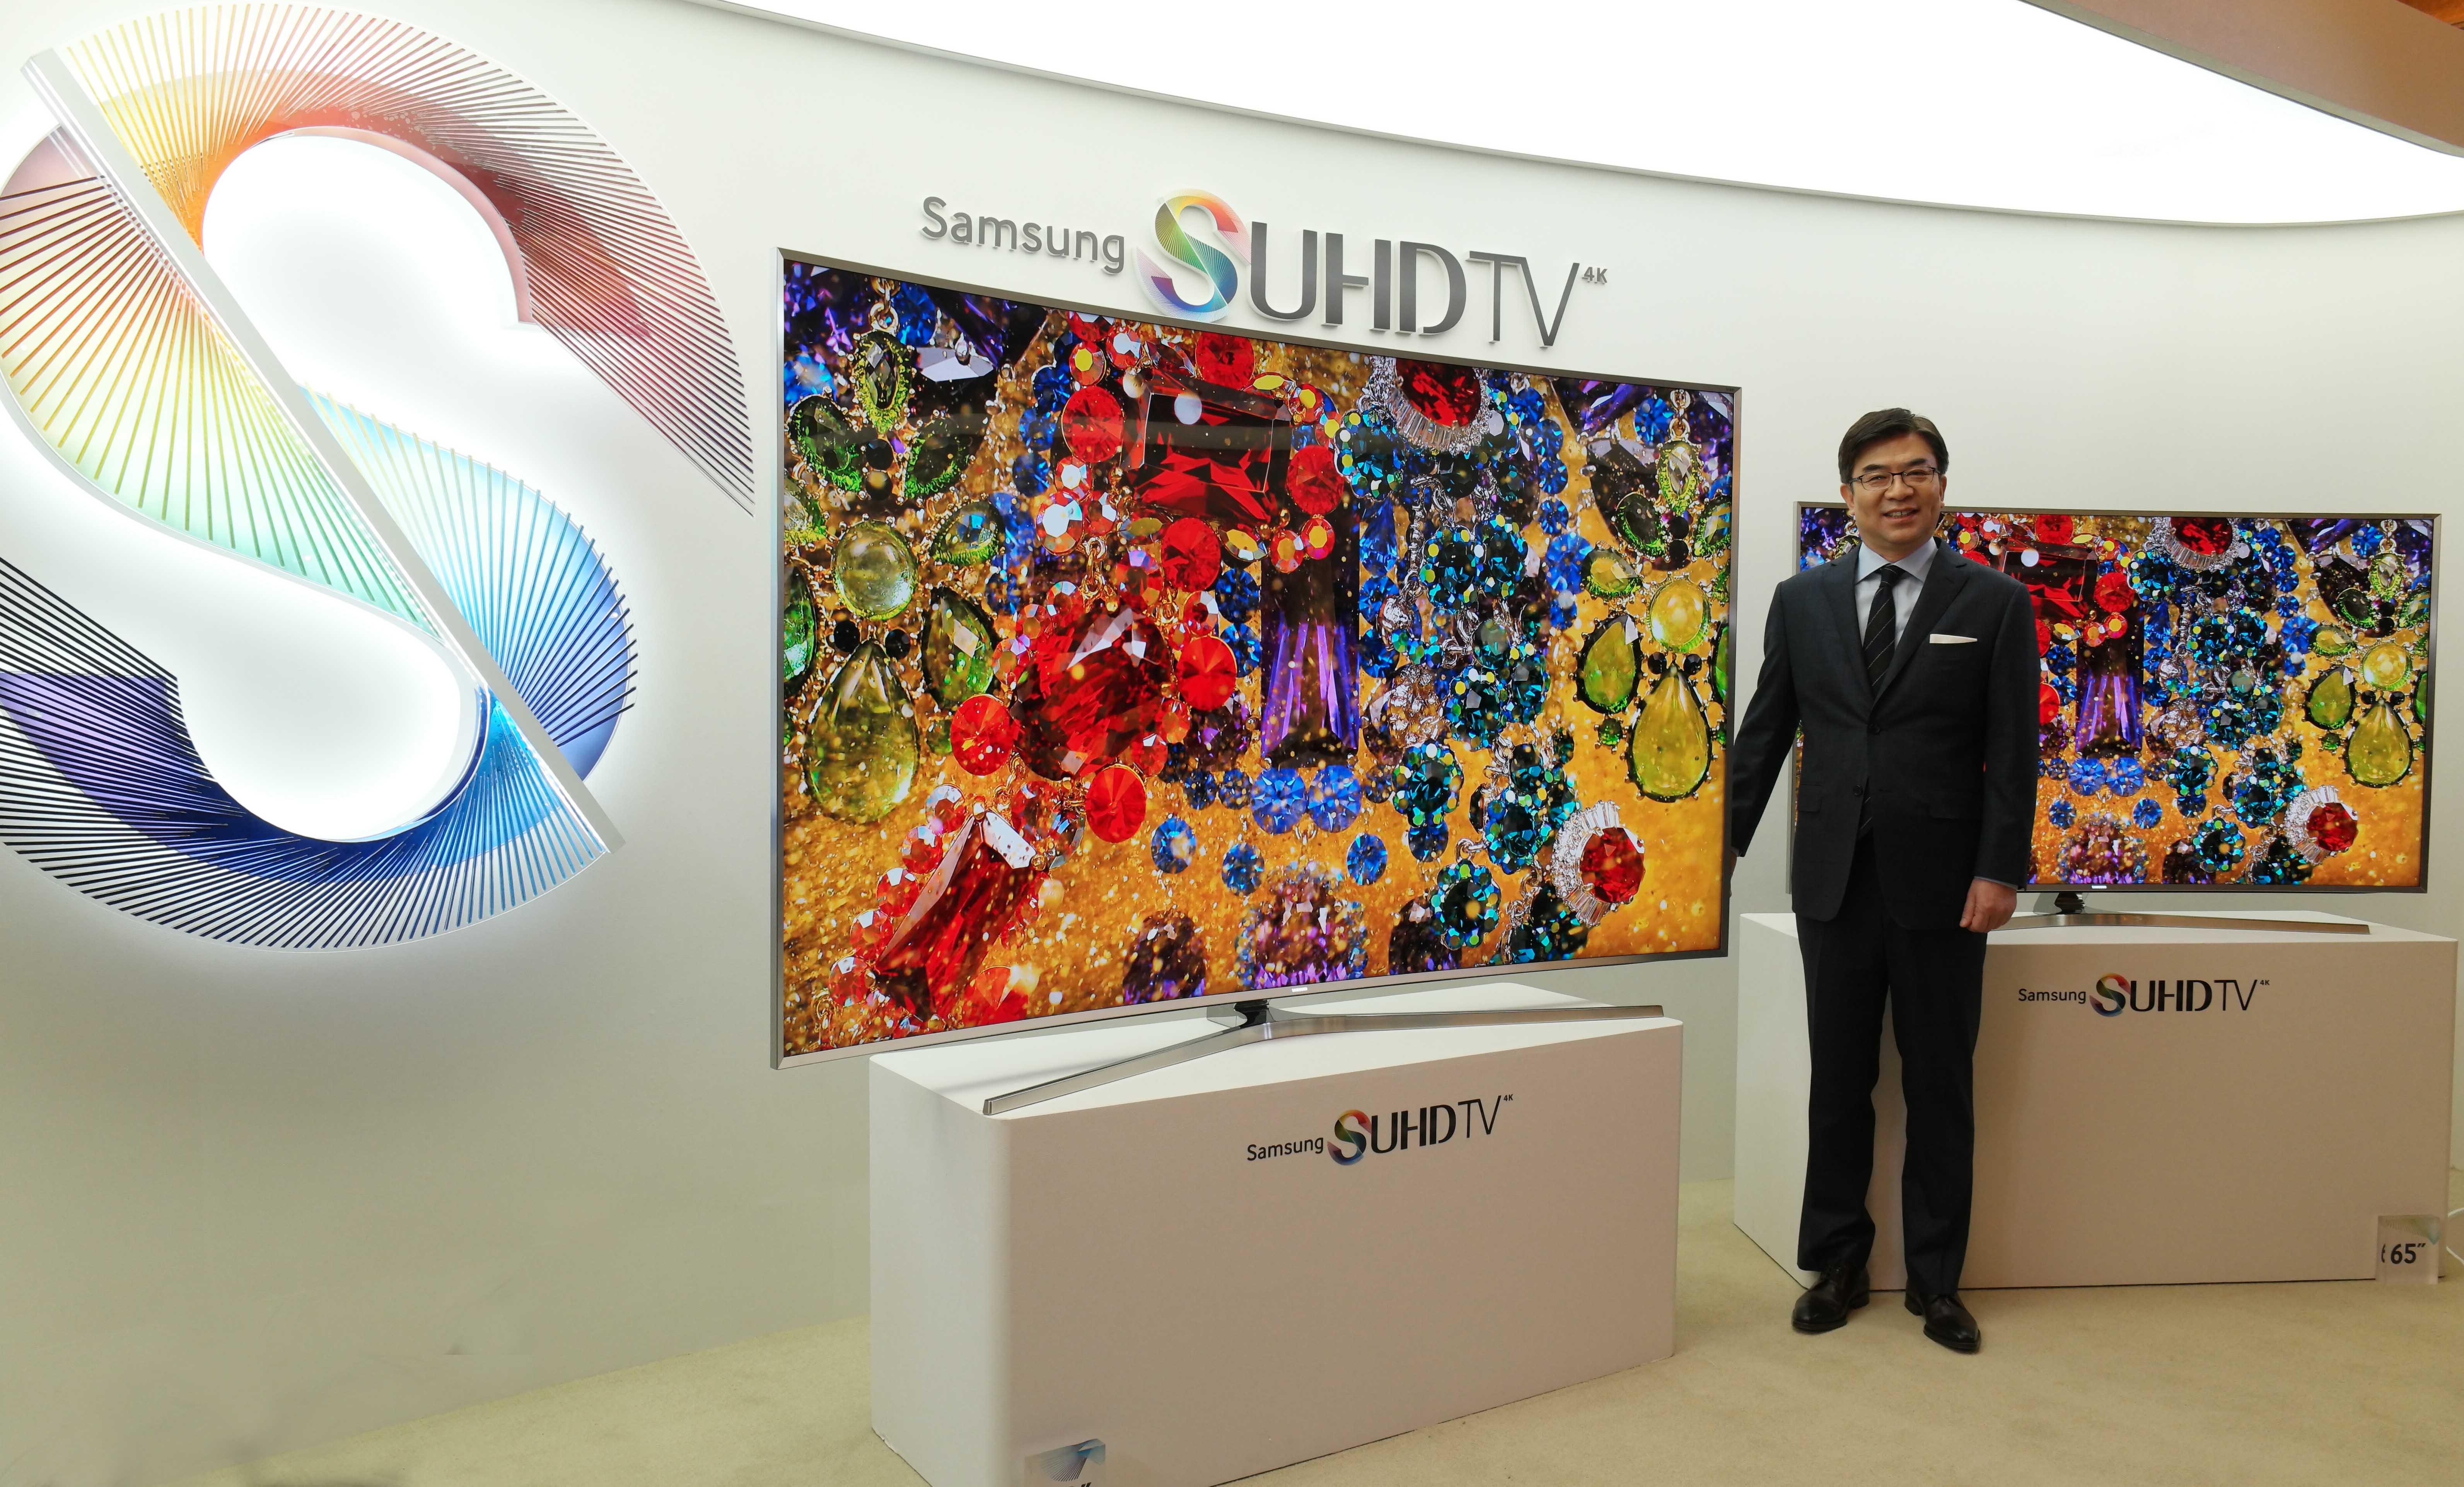 삼성전자 영상디스플레이사업부장 김현석 사장이 삼성 SUHD TV를 선보이는 모습입니다